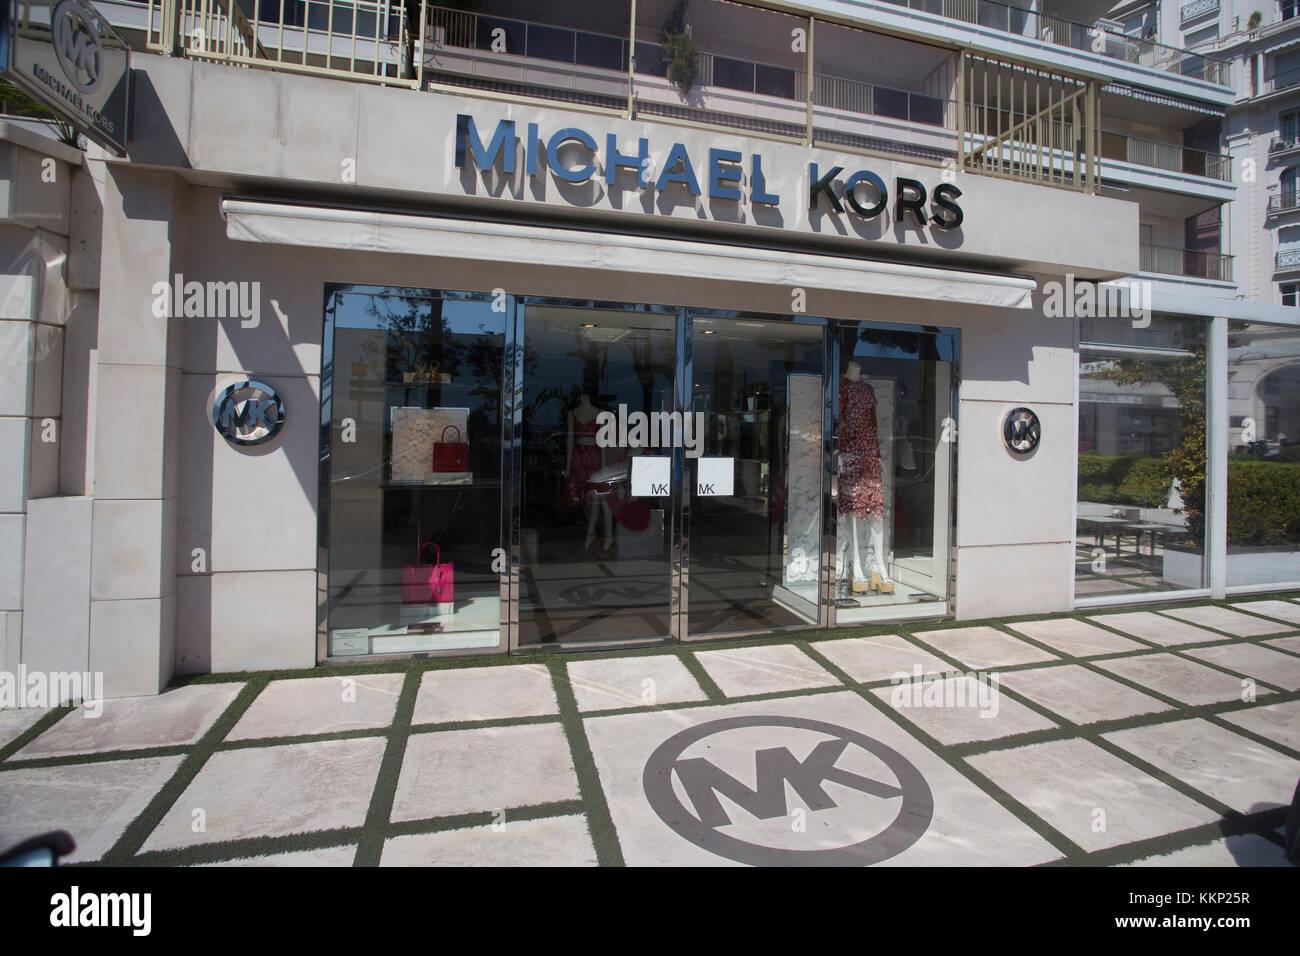 Michael Kors designer shop along Boulevard de la Croisette, Cannes, France Stock Photo